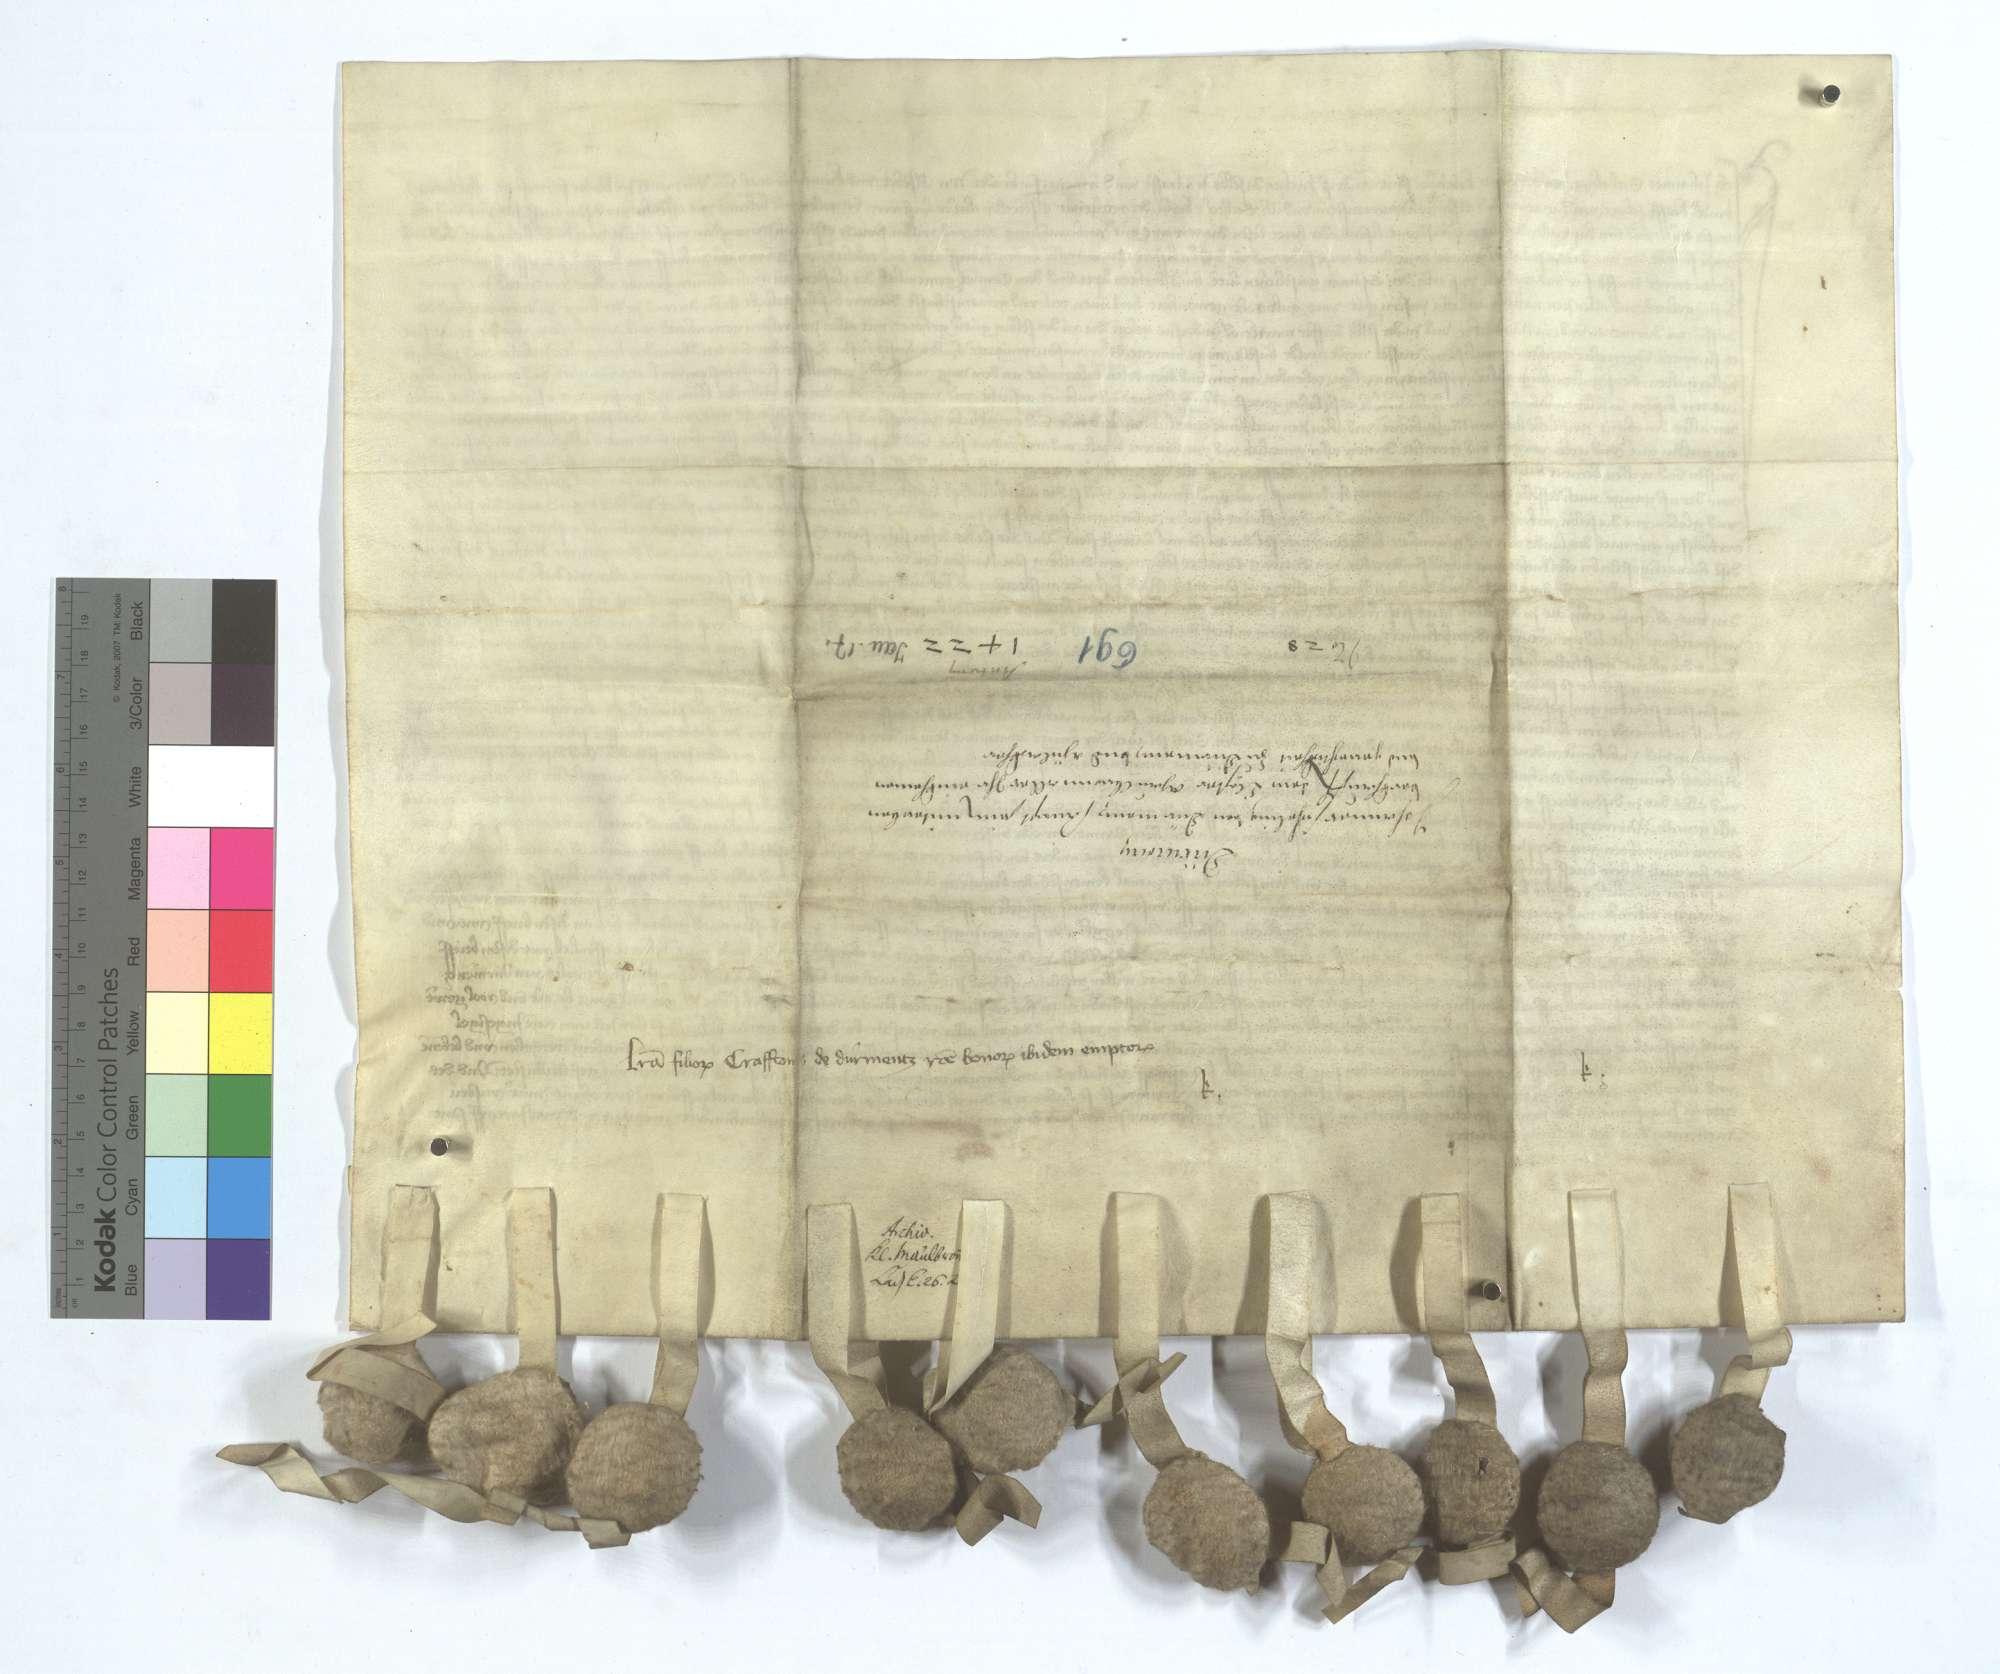 Johann Sicheling von Dürrmenz und seine Geschwister verkaufen dem Kloster Maulbronn all ihr Einkommen und Gerechtsame in Dürrmenz und Mühlacker (Mülacker)., Rückseite